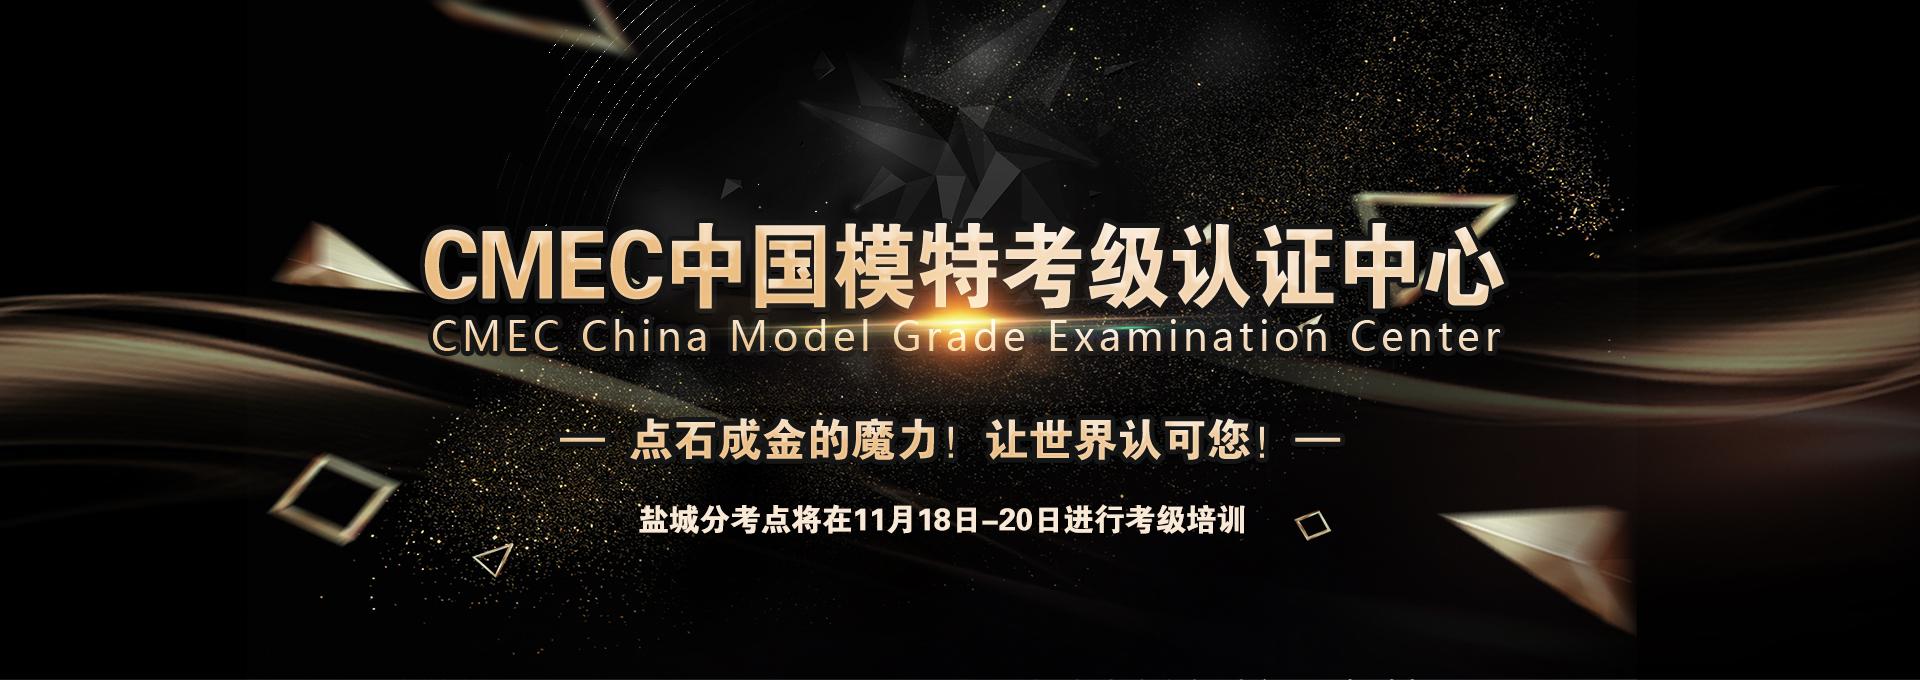 CMEC模特考级盐城考点11月18日-20日进行模特师资培训考级